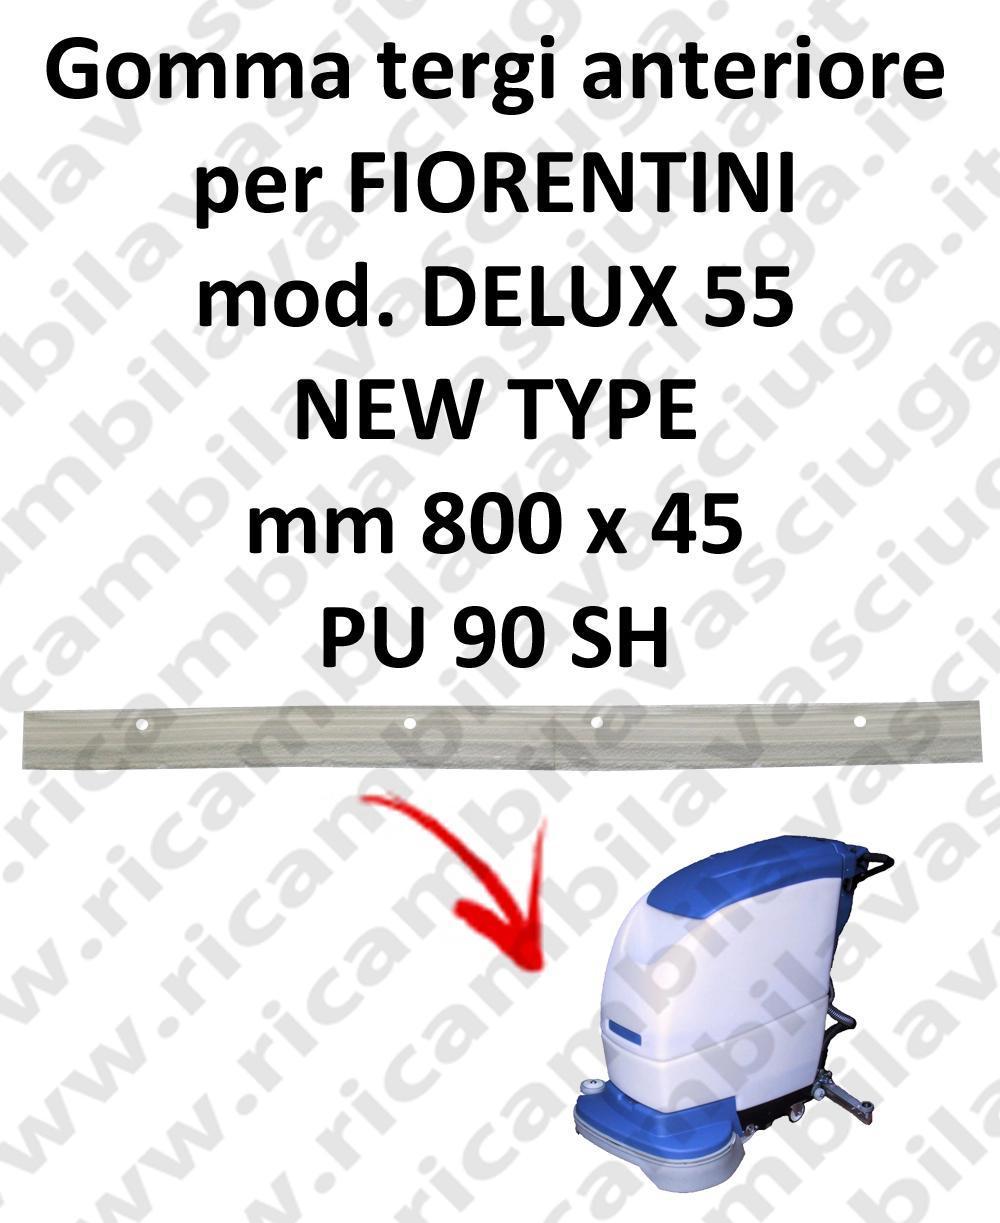 DELUX 55 new type Vorne Sauglippen für scheuersaugmaschinen FIORENTINI